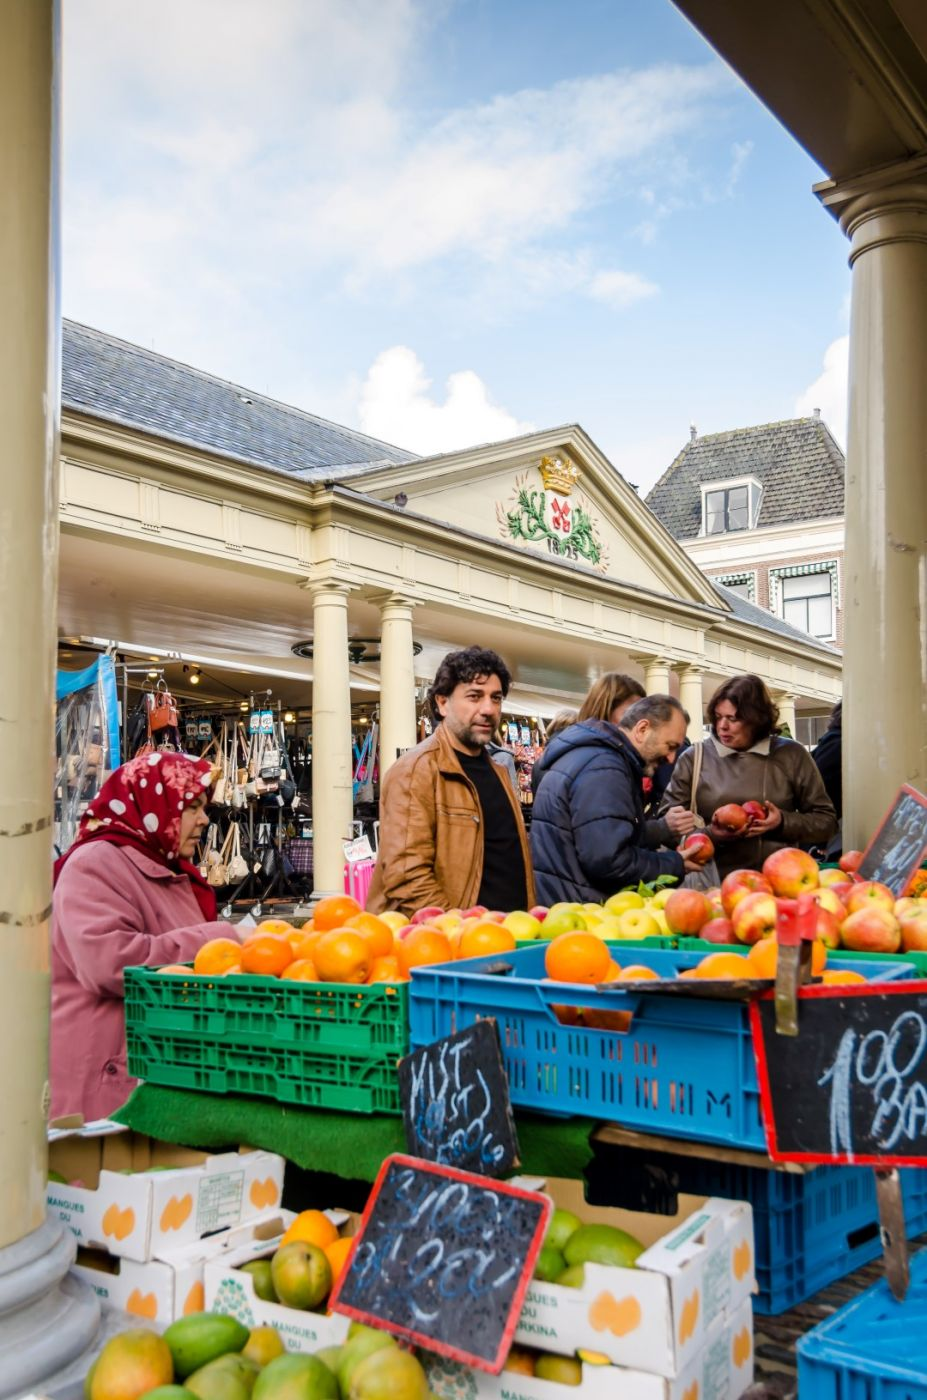 Market, Netherlands